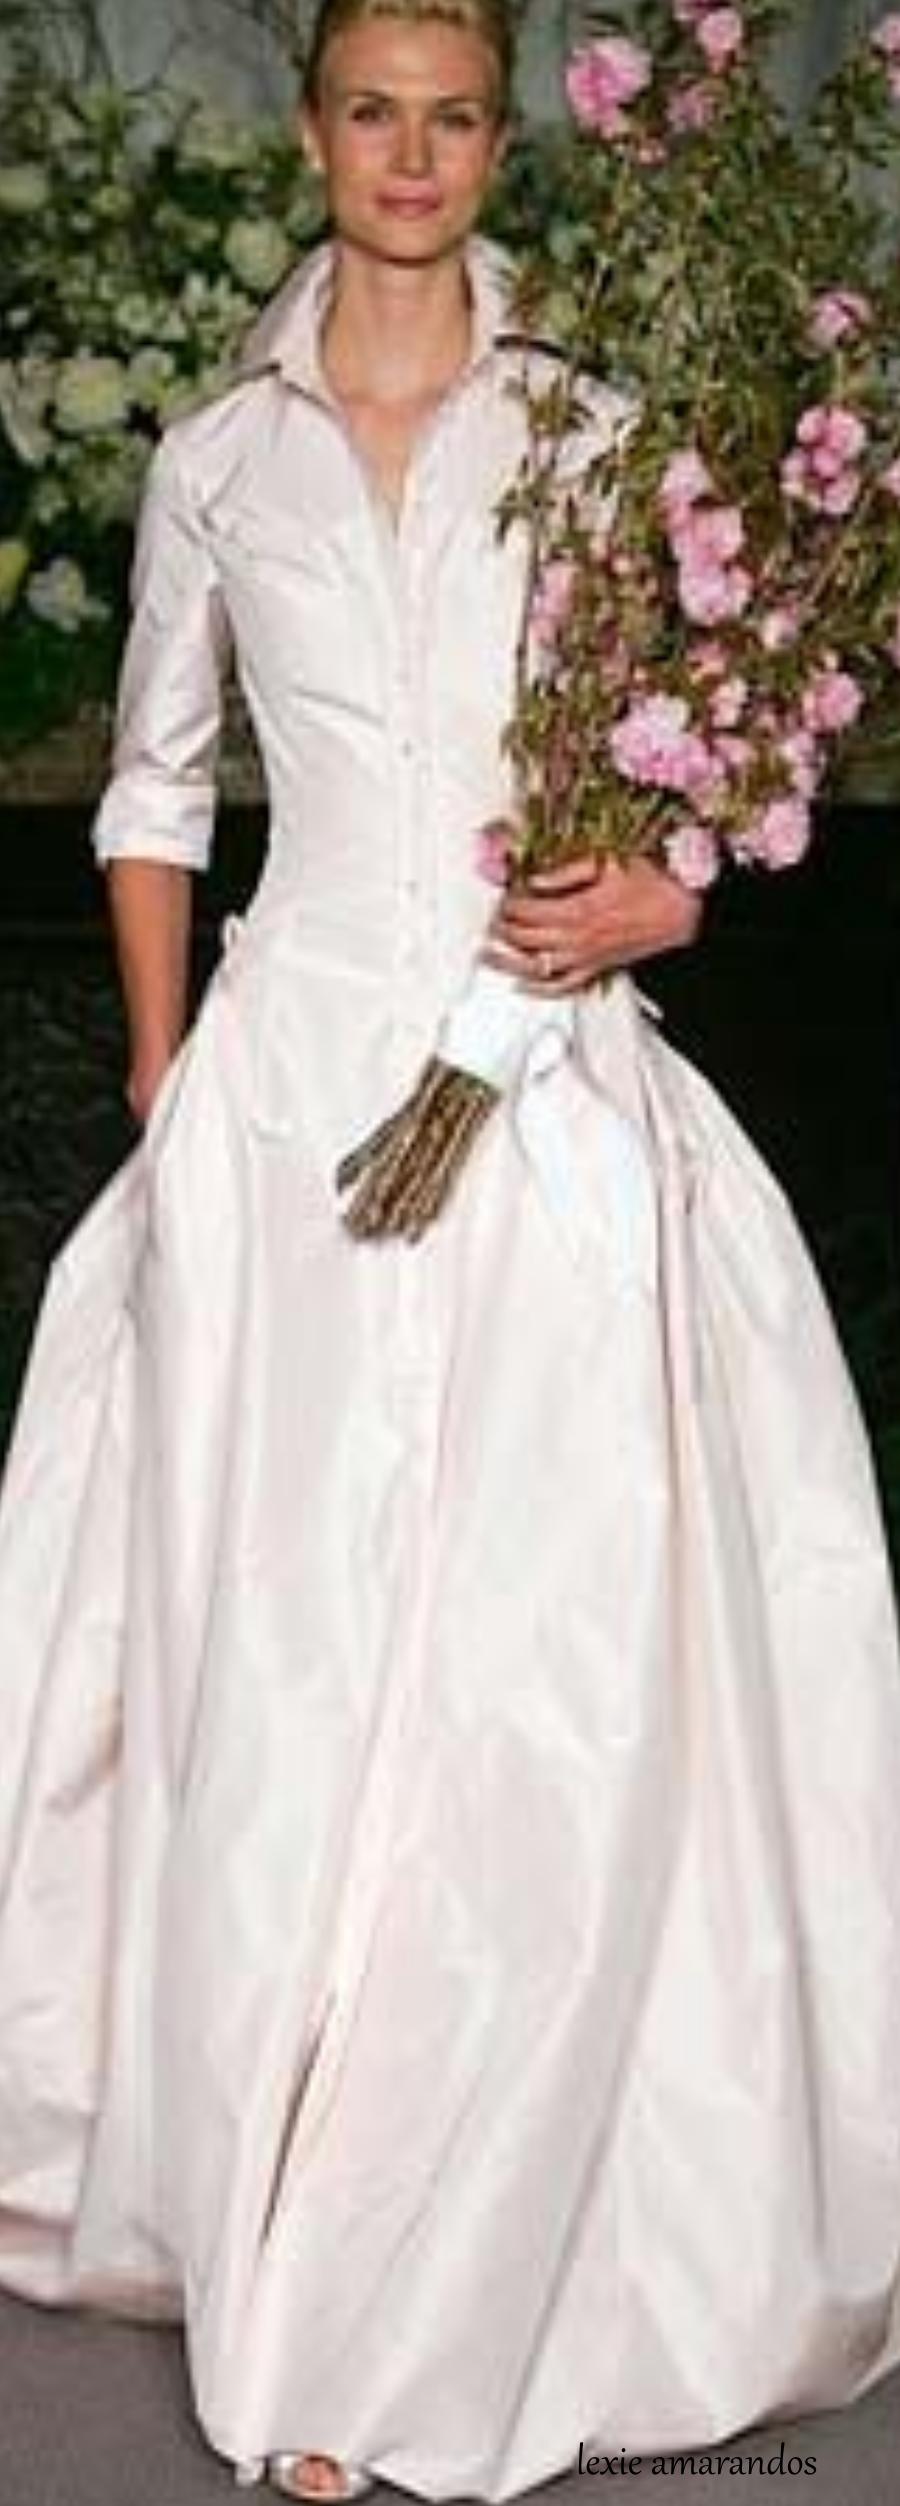 Carolina Herrera Shirt Dress